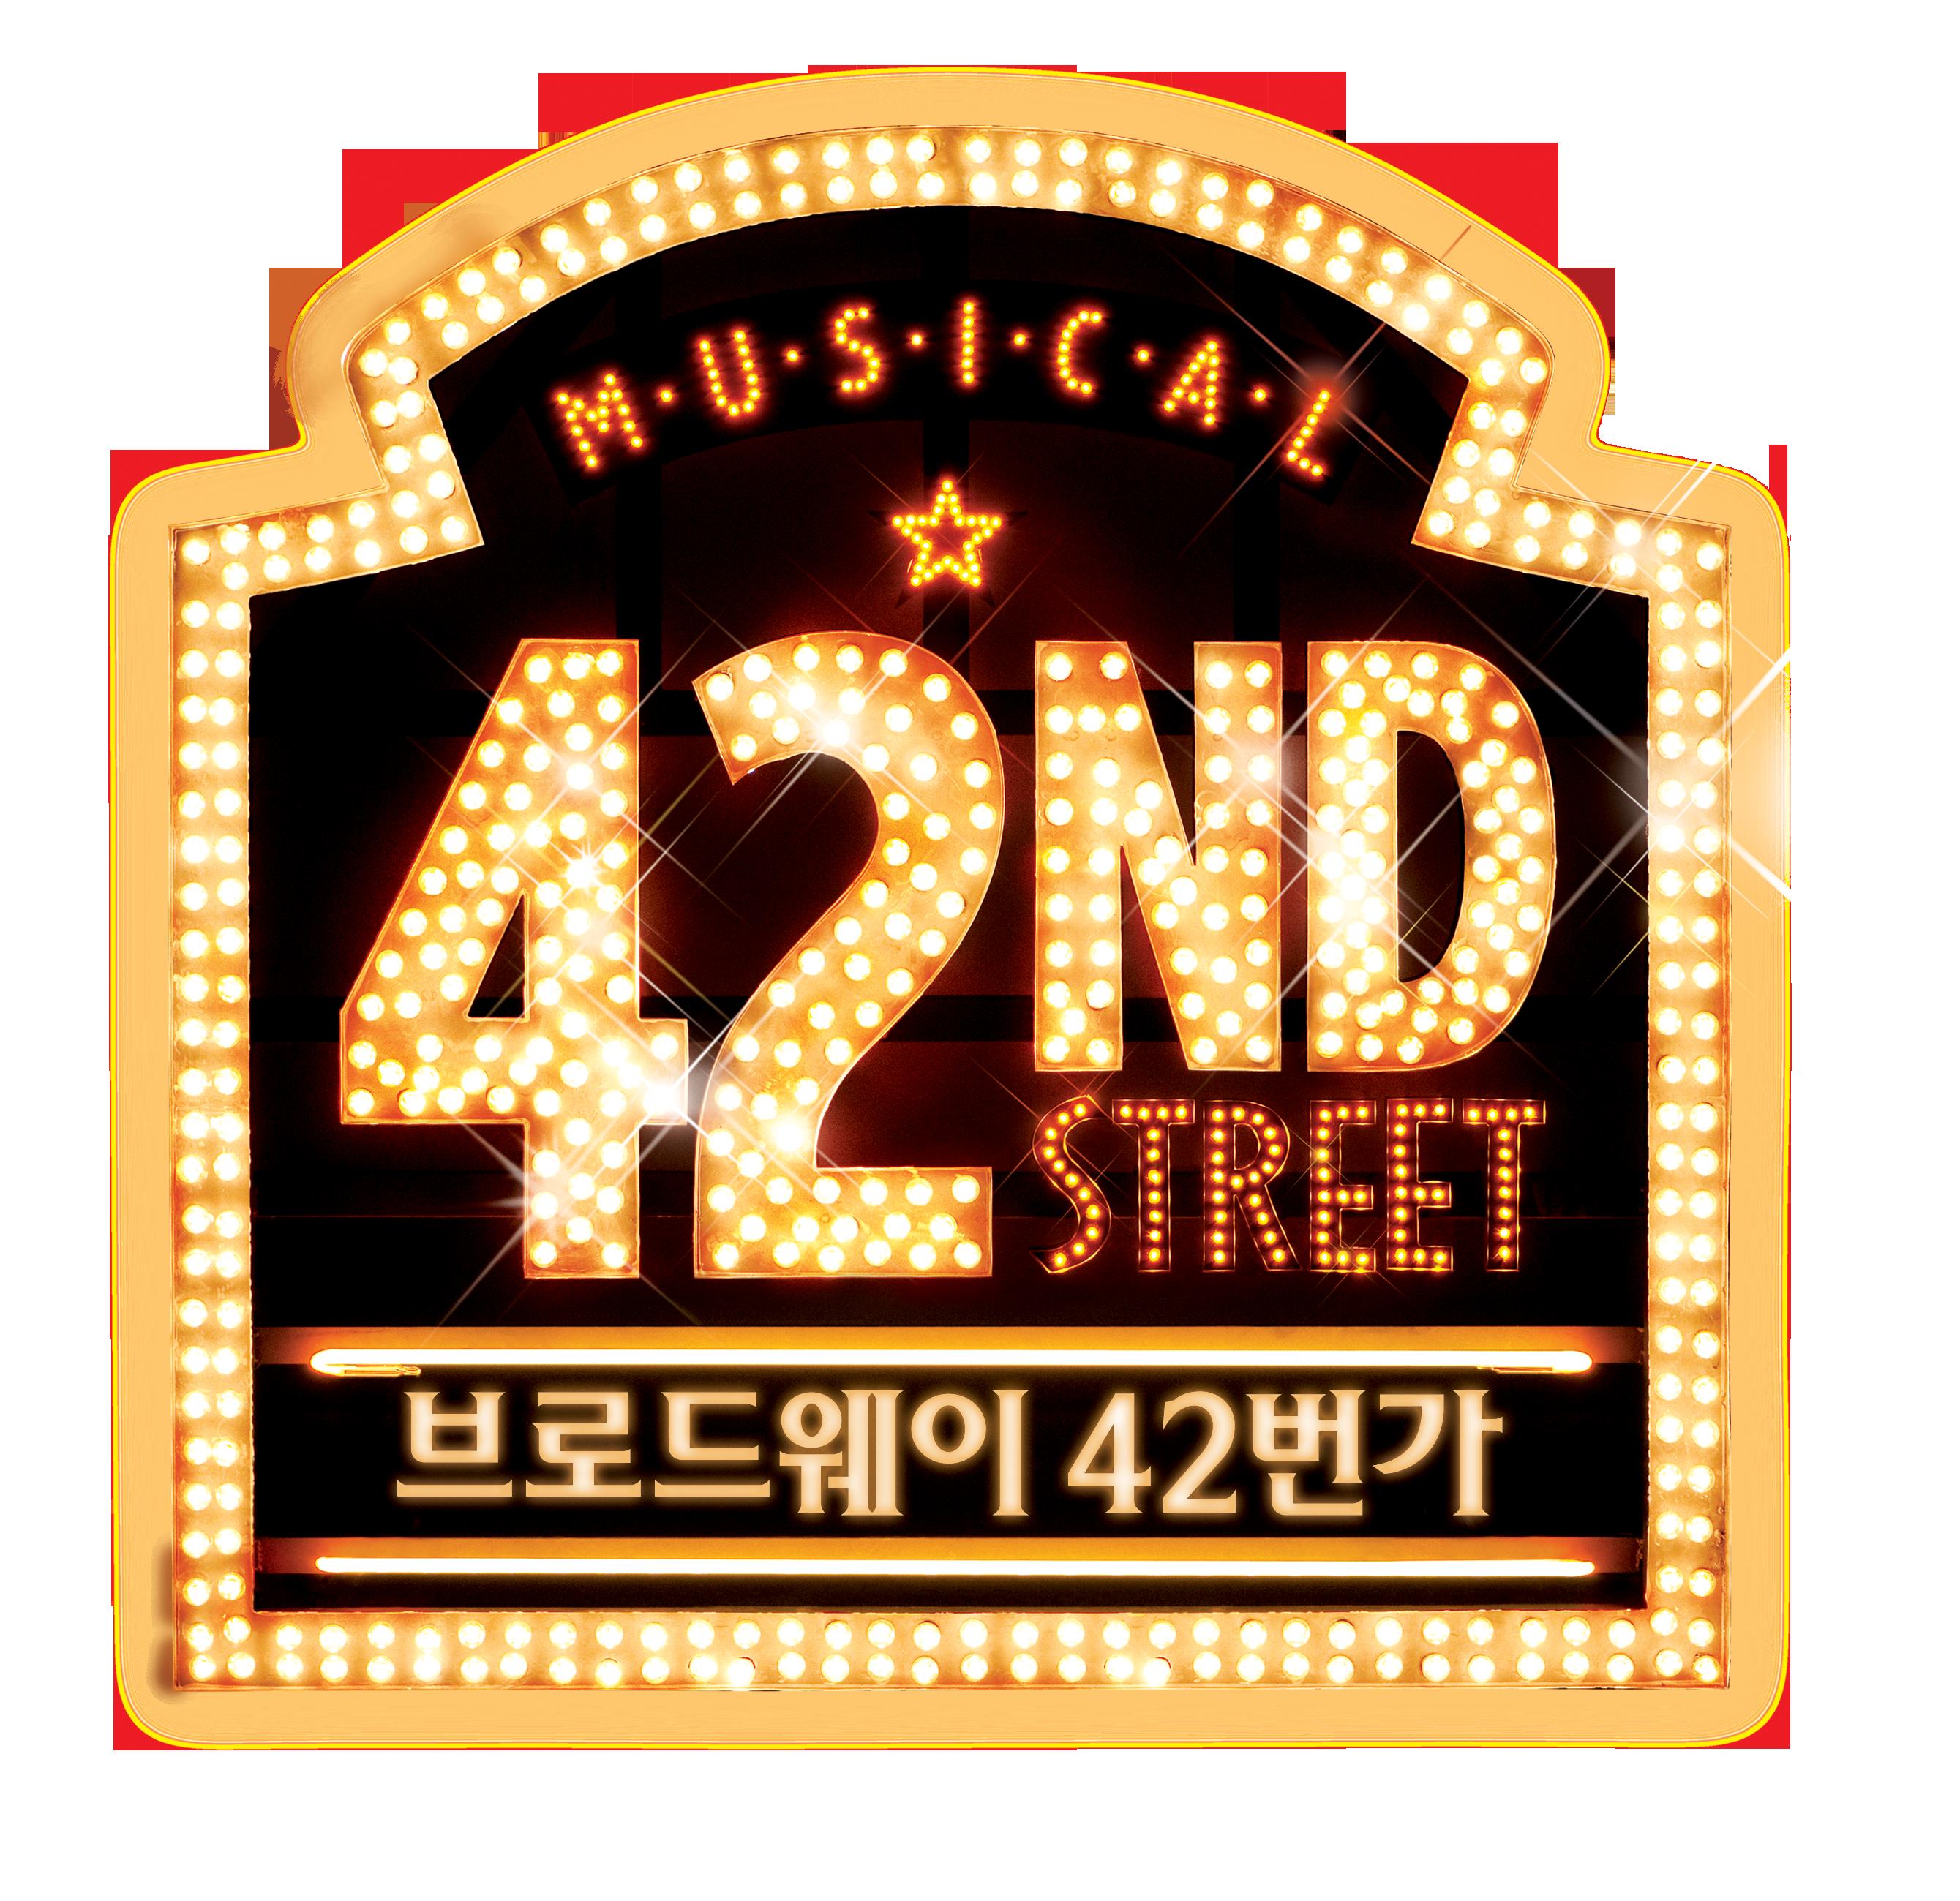 뮤지컬_42번가